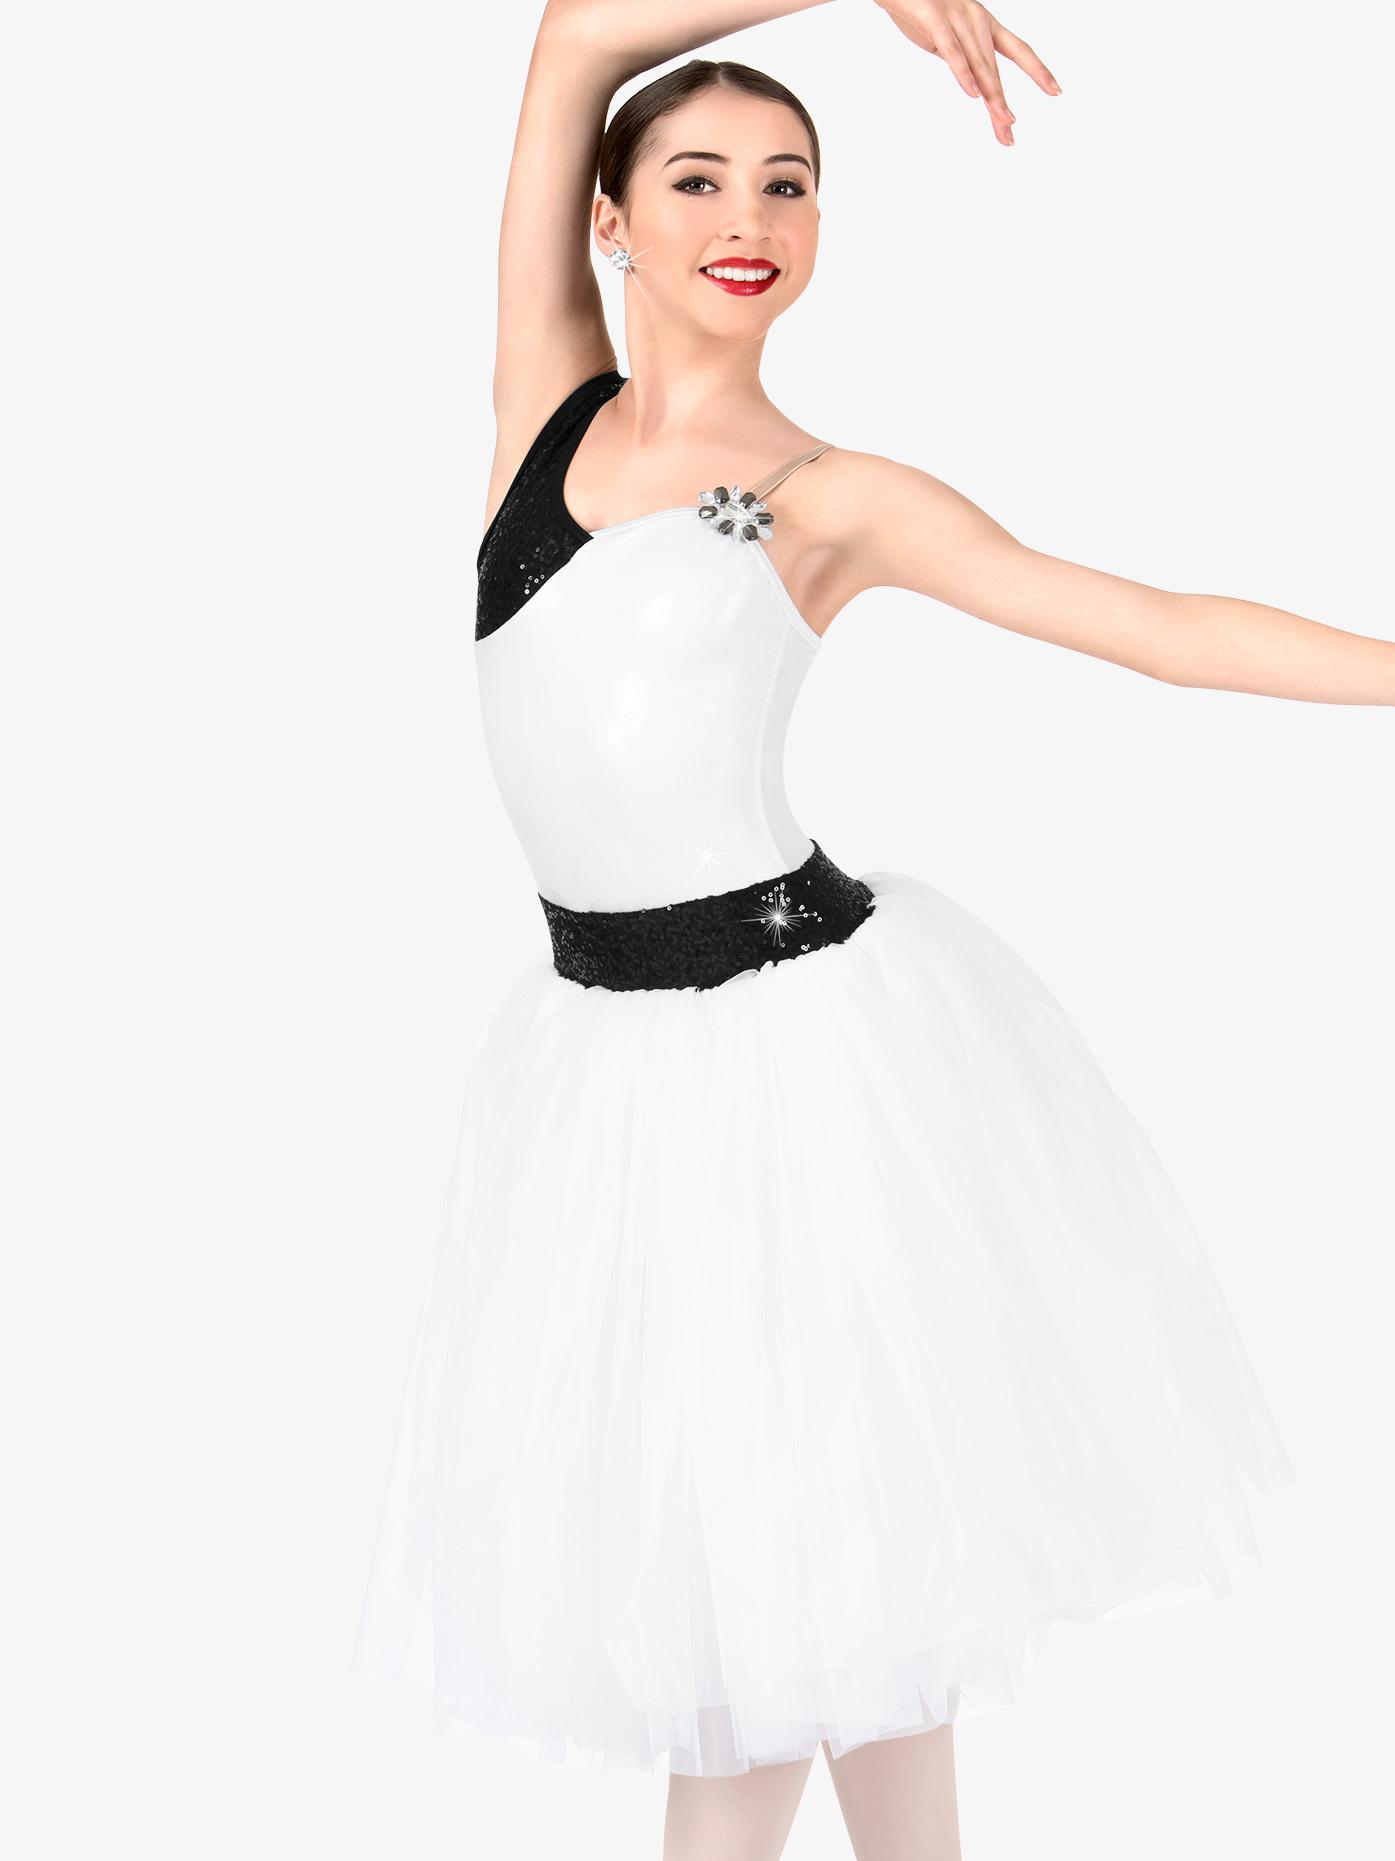 Elisse by Double Platinum Womens Plus Size One Shoulder Romantic Tutu Costume Dress N7464P